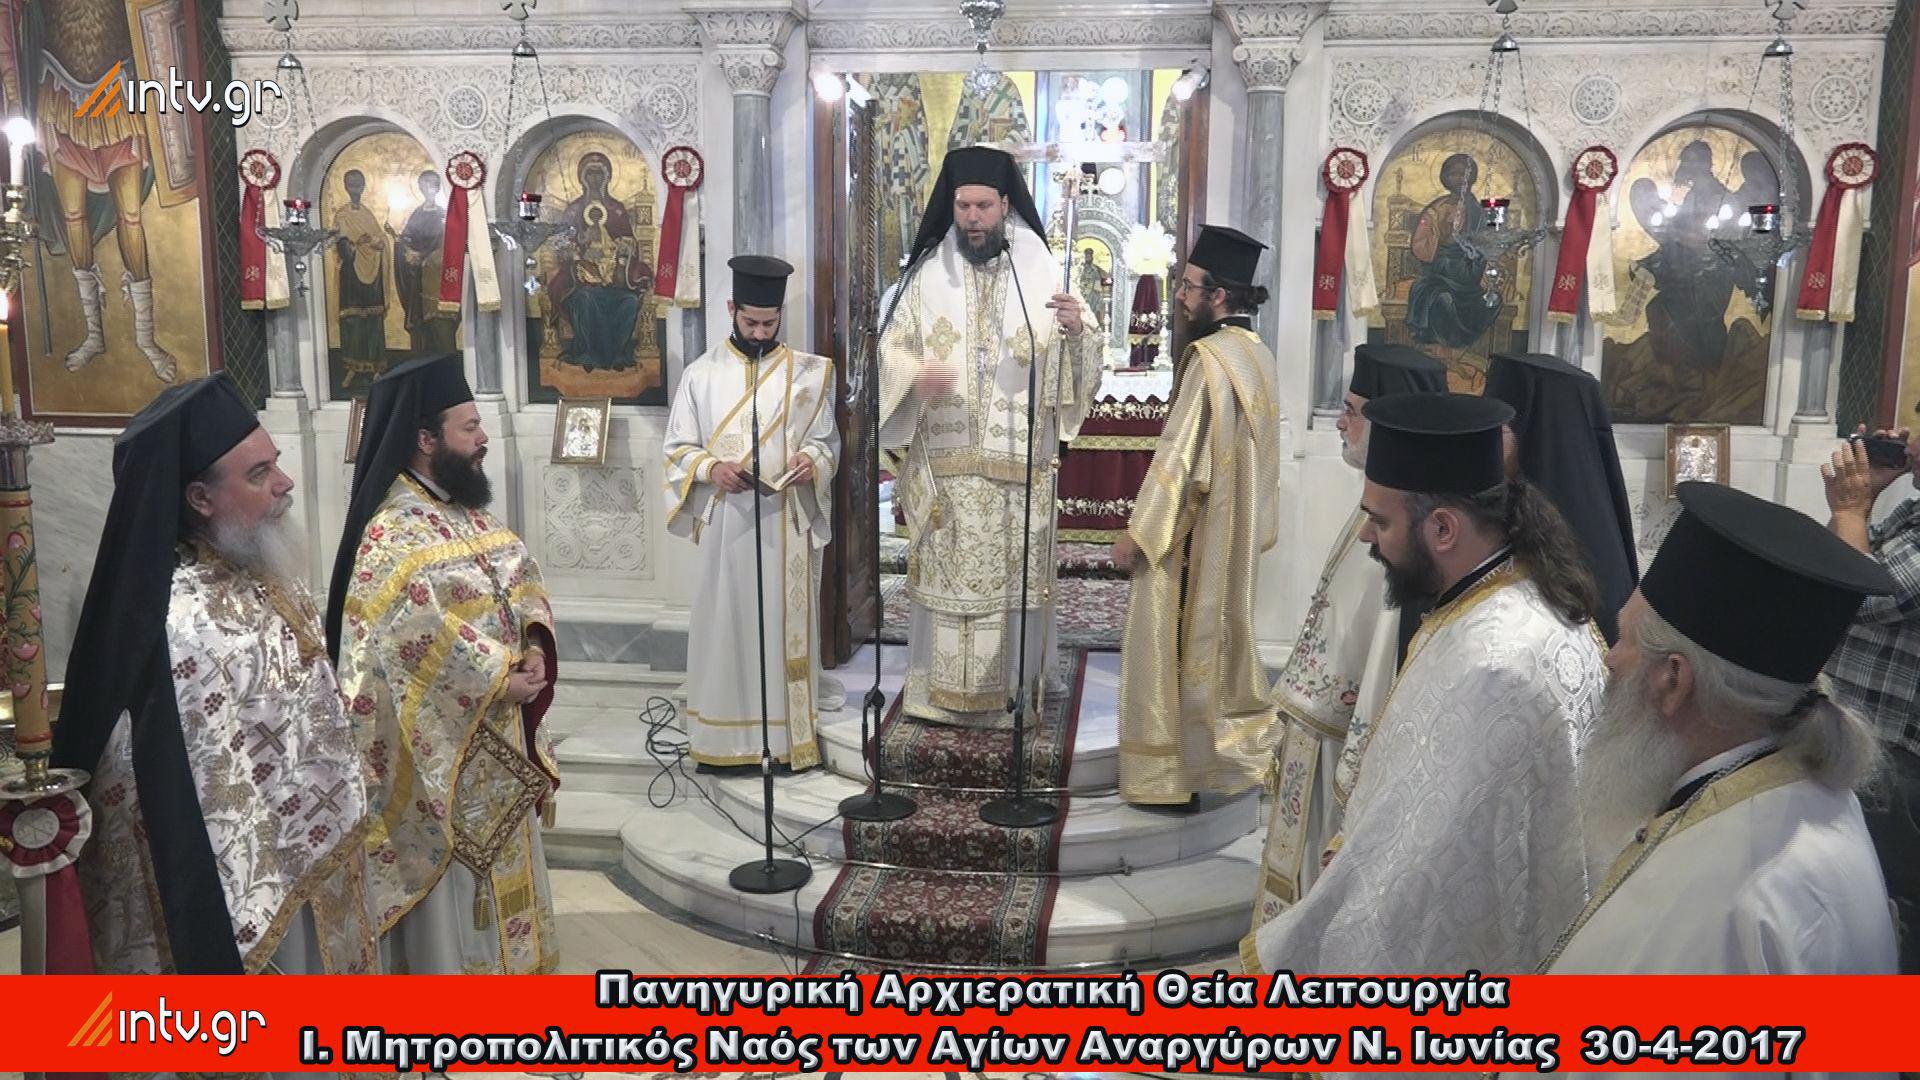 Πανηγυρική Αρχιερατική Θεία Λειτουργία -  Ι. Μητροπολιτικός Ναός των Αγίων Αναργύρων Ν. Ιωνίας.